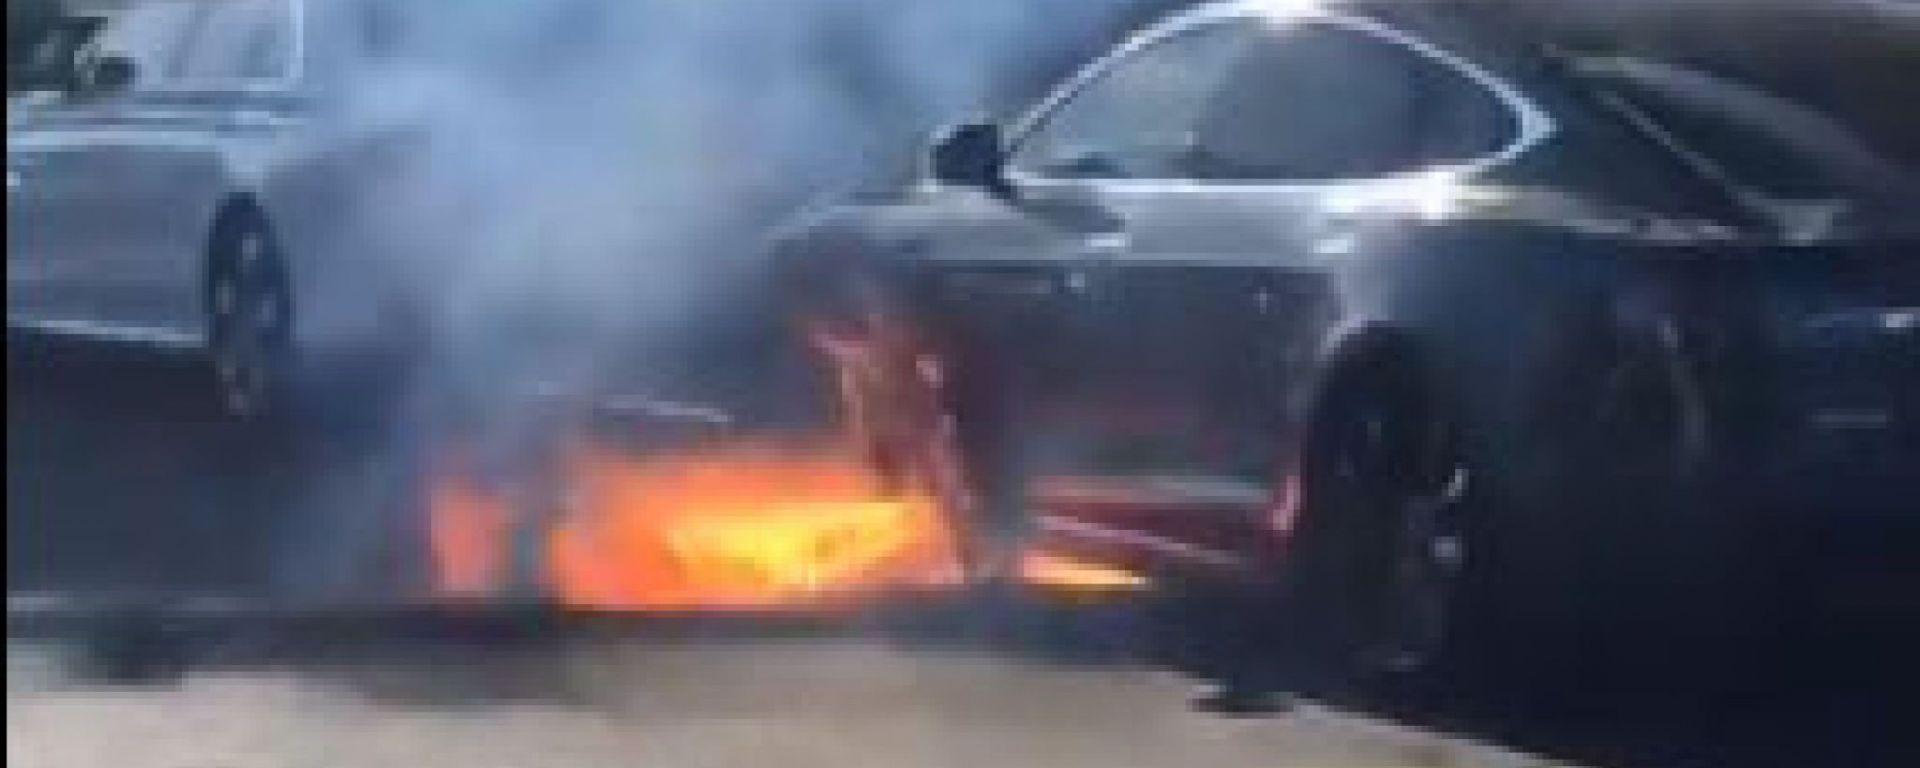 Tesla Model S, tre esemplari a fuoco in un mese